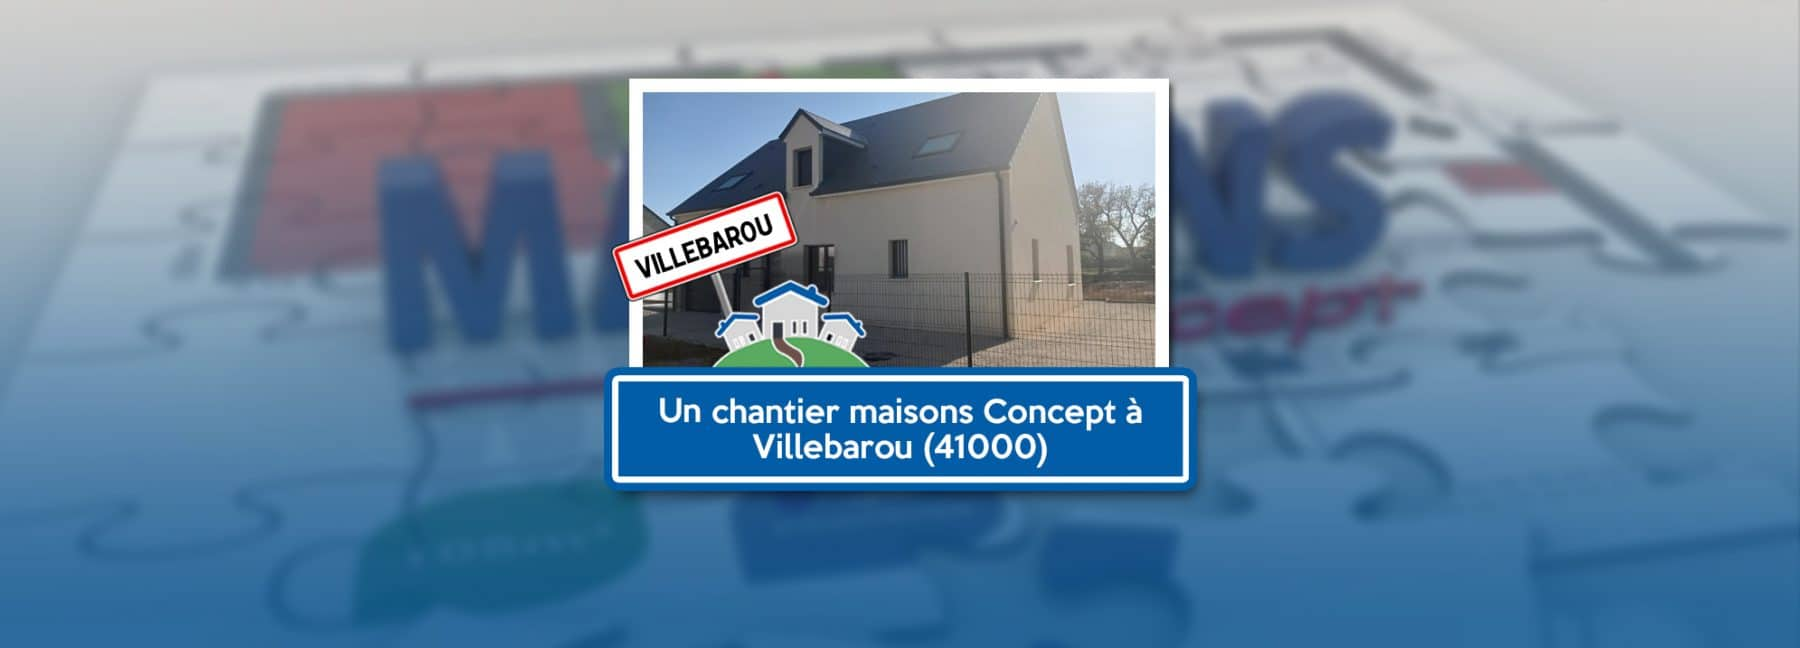 un-chantier-maisons-concept-a-villebarou-(41000)